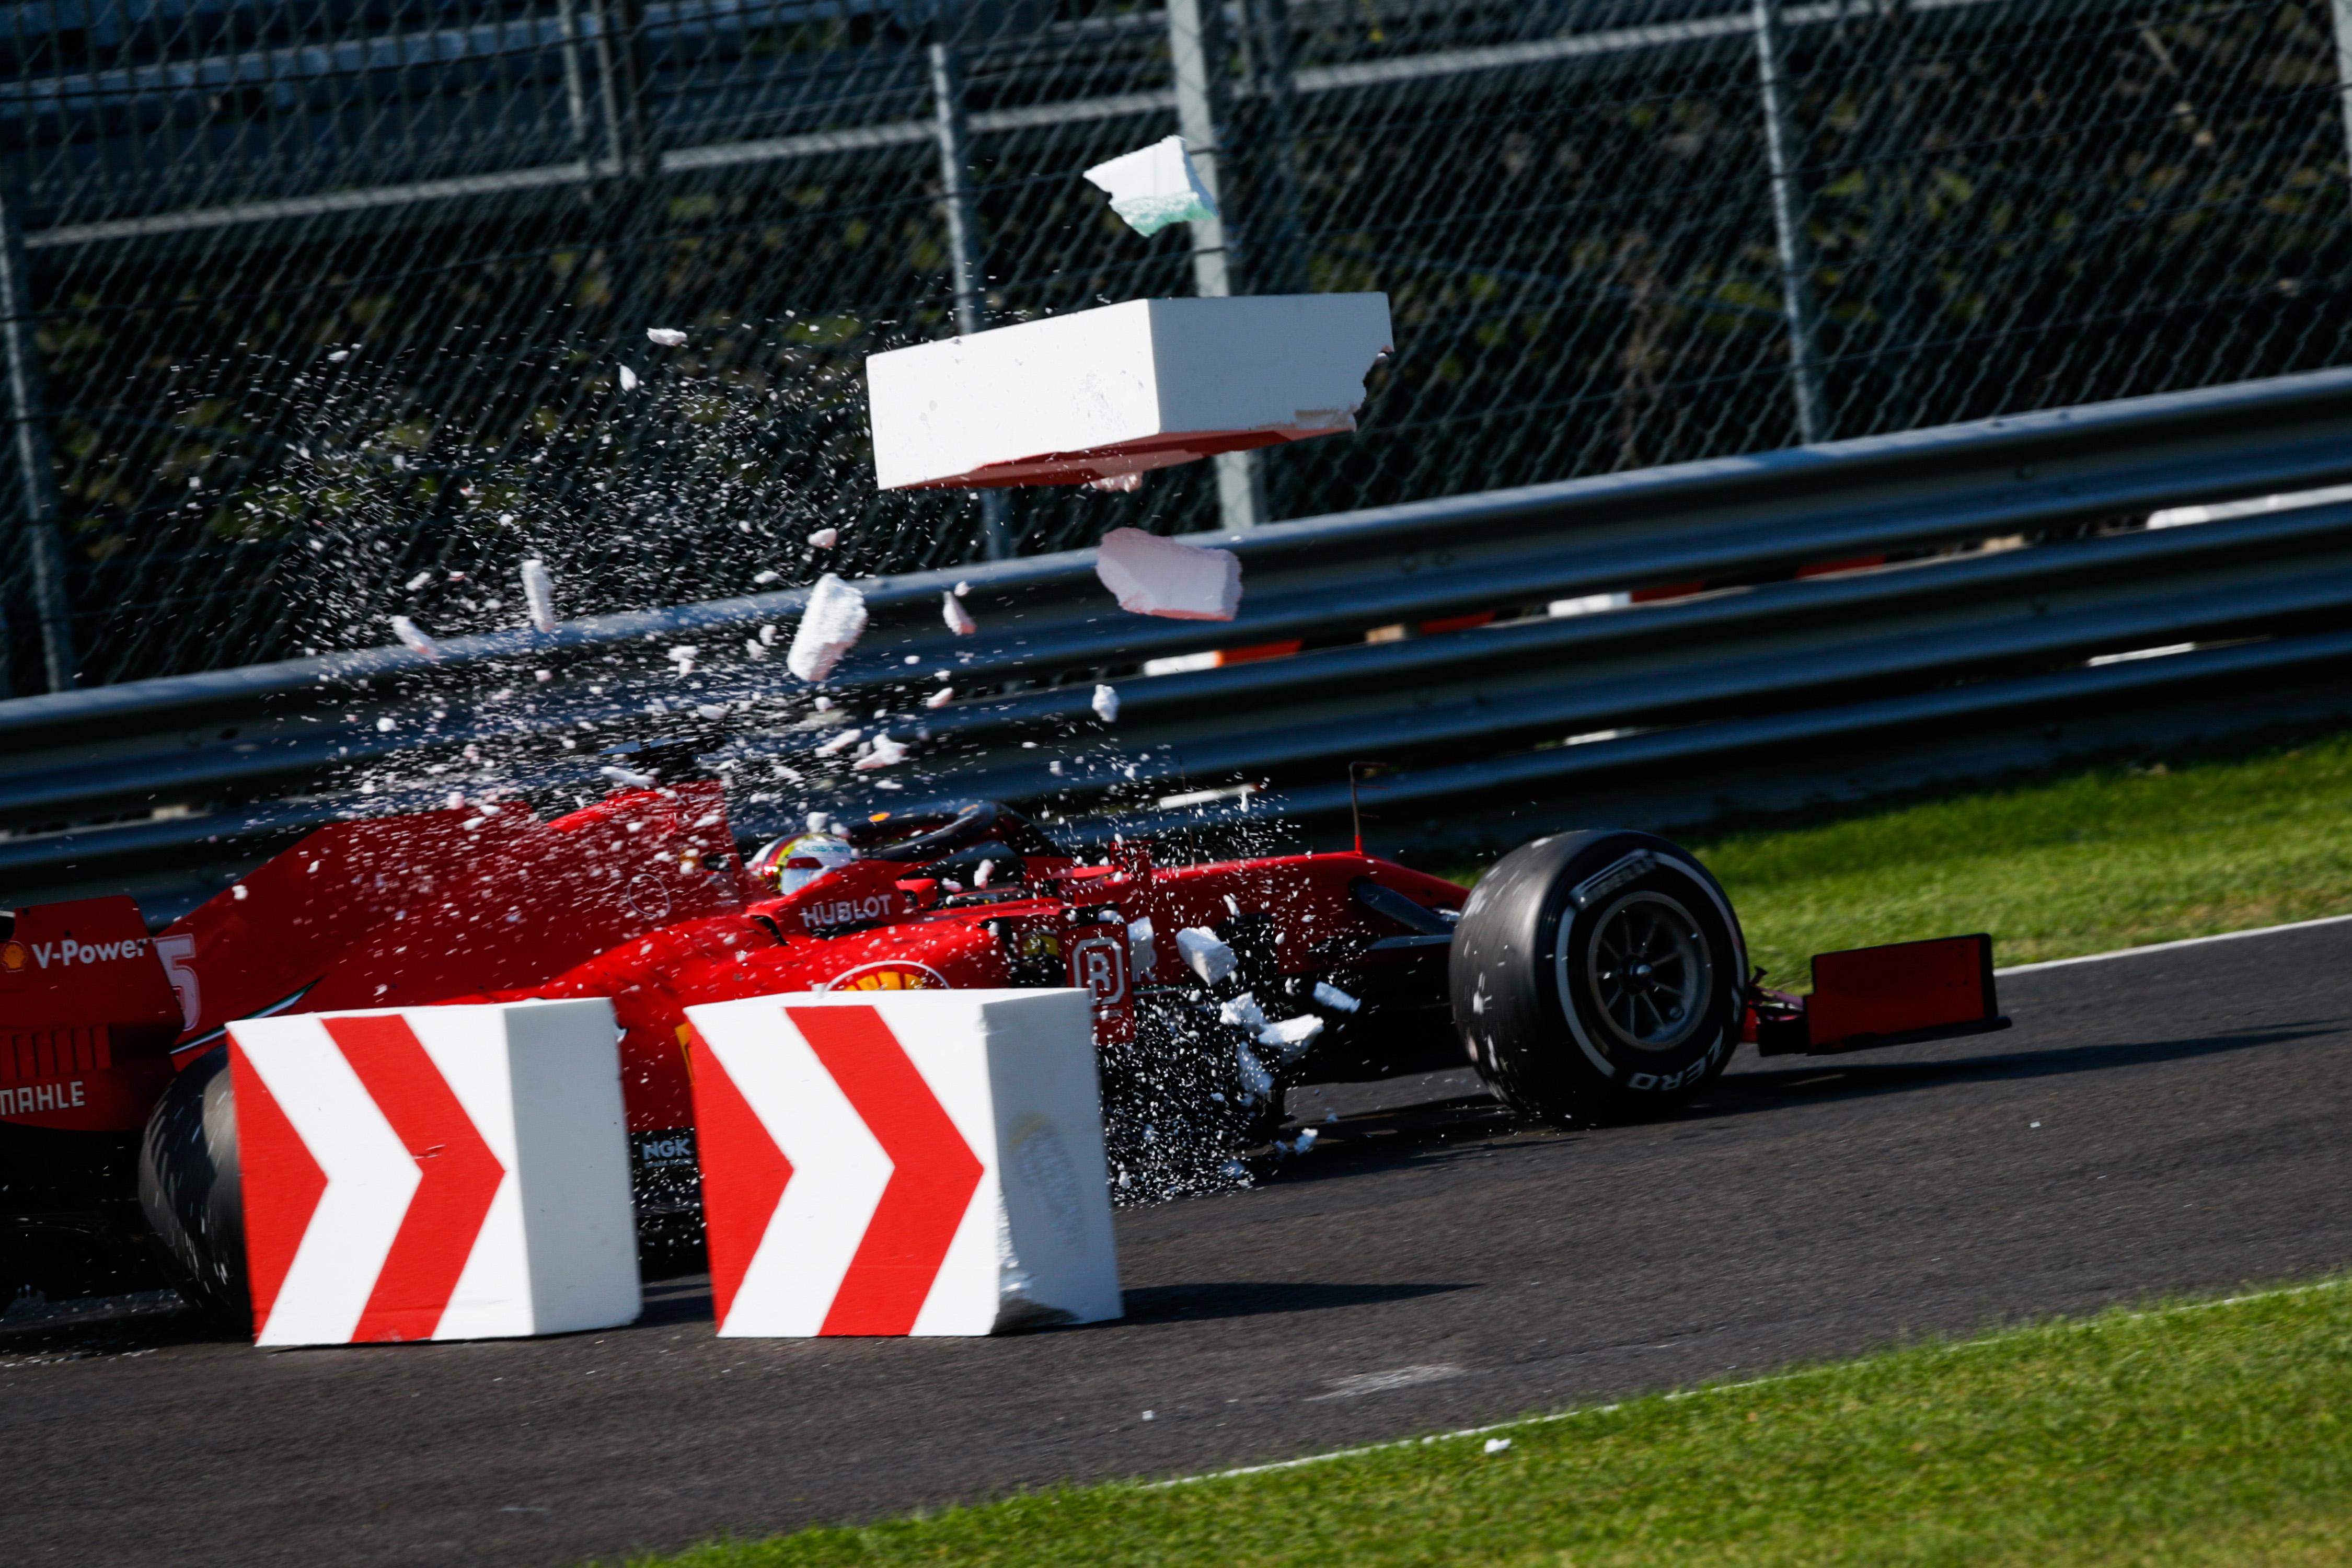 Sebastian Vettel Ferrari crash Italian Grand Prix 2020 Monza